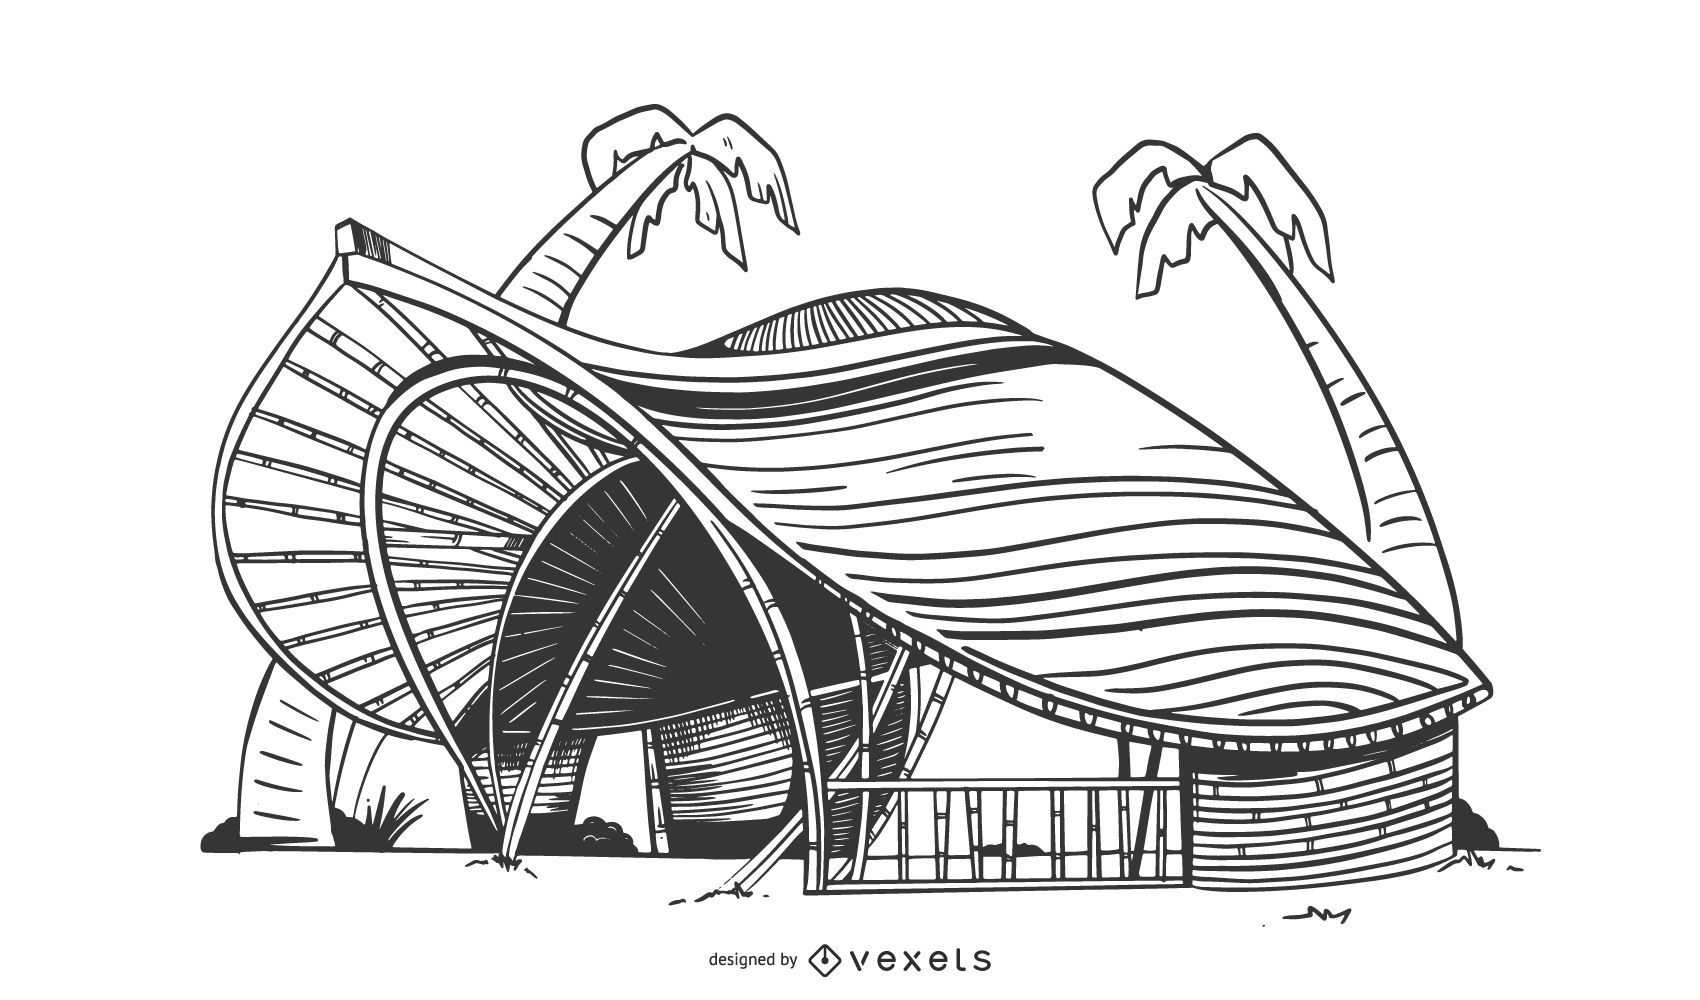 Diseño de edificio ecológico complejo